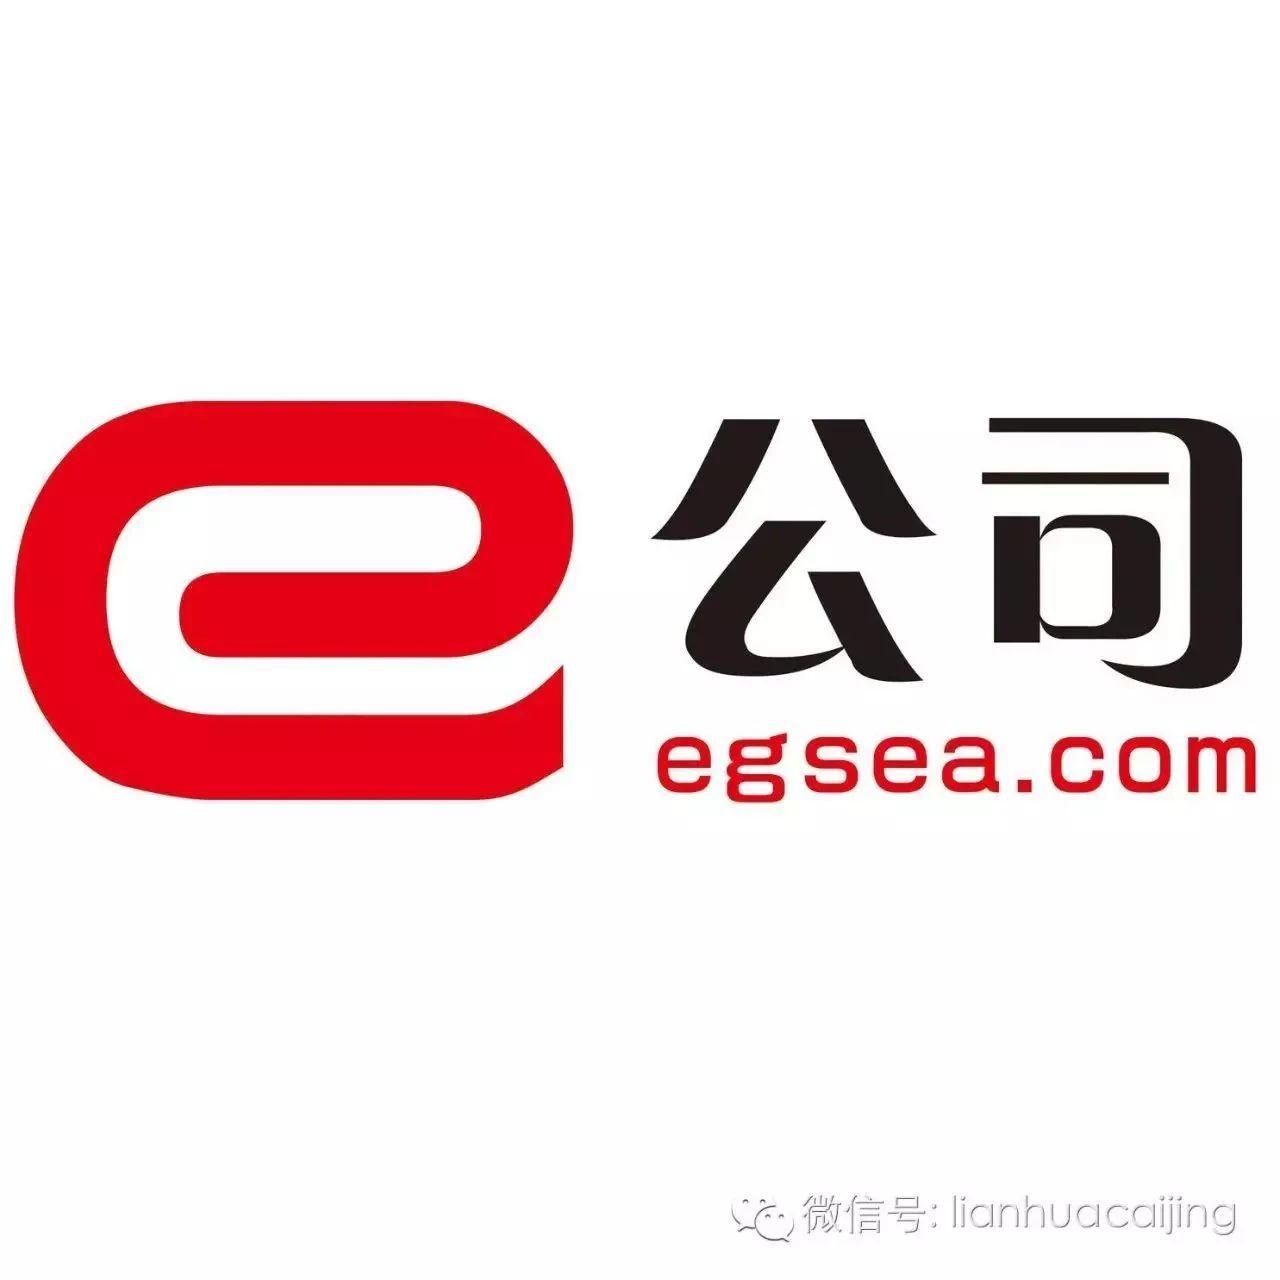 【提前看】24日公告精选:长江电力再度增持国投电力1%股份;百年人寿受让顾家家居6%股份